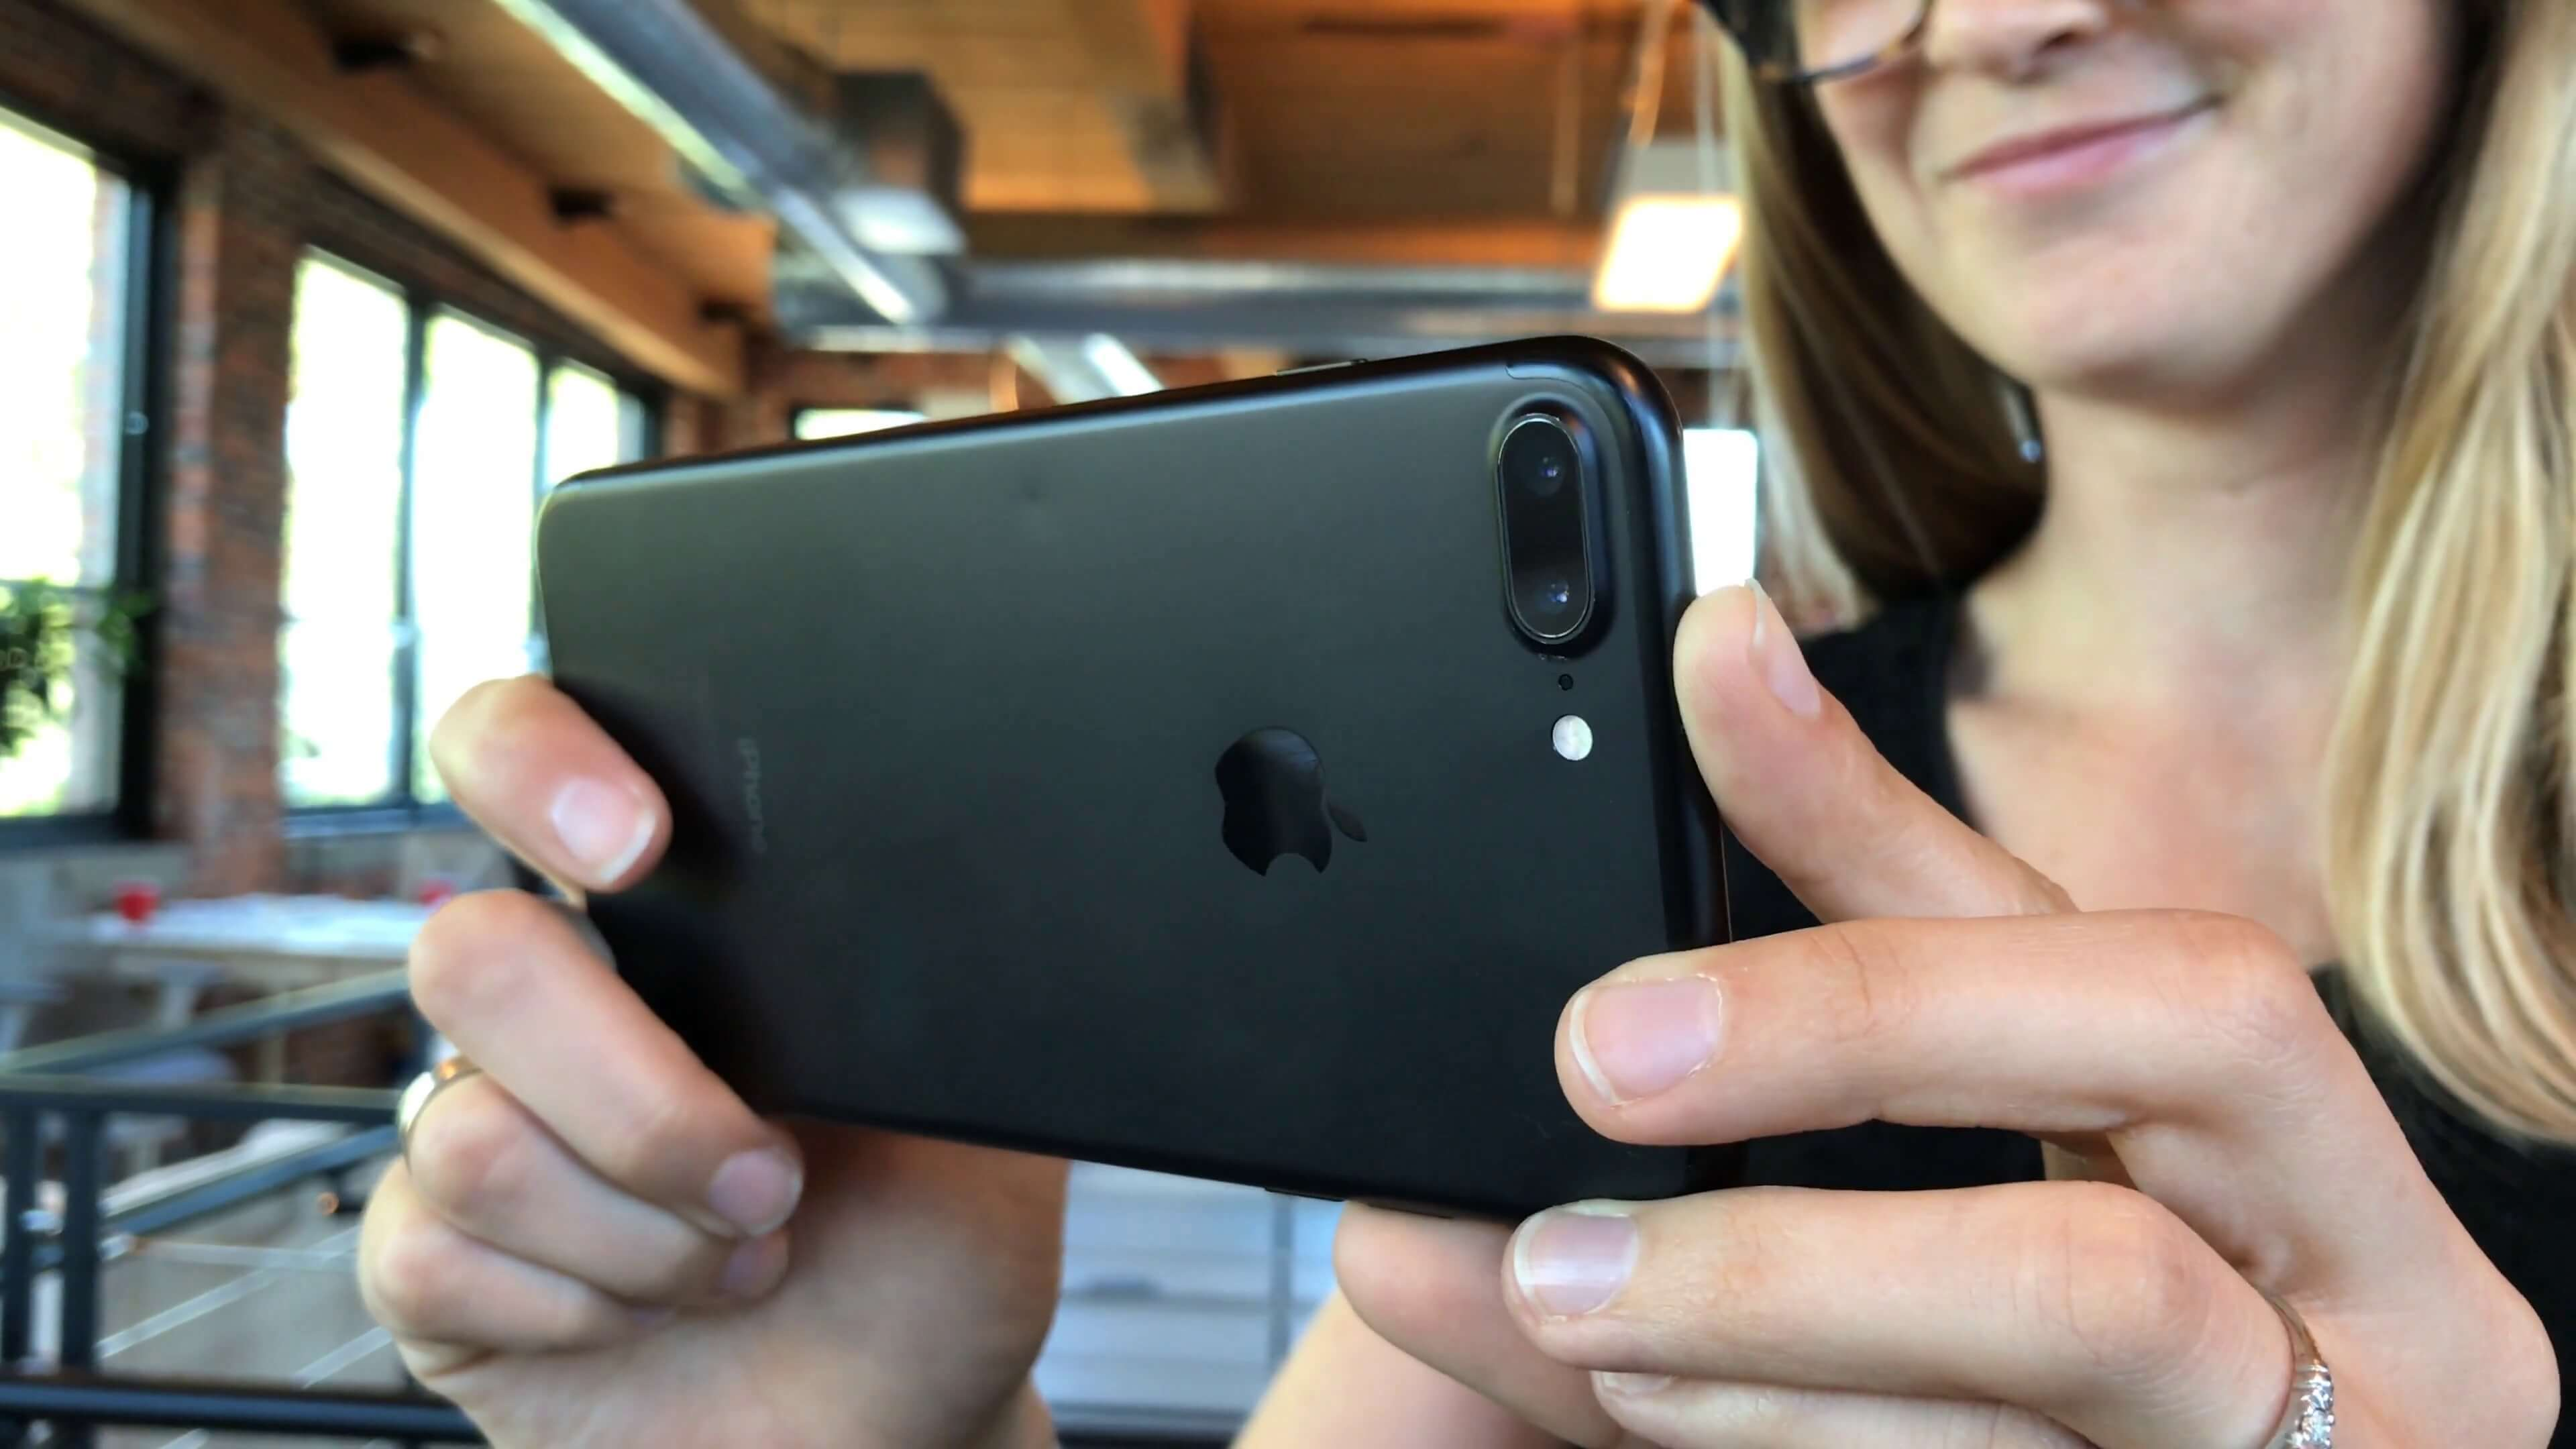 Как сбросить и скинуть фильм на iPhone с компьютера